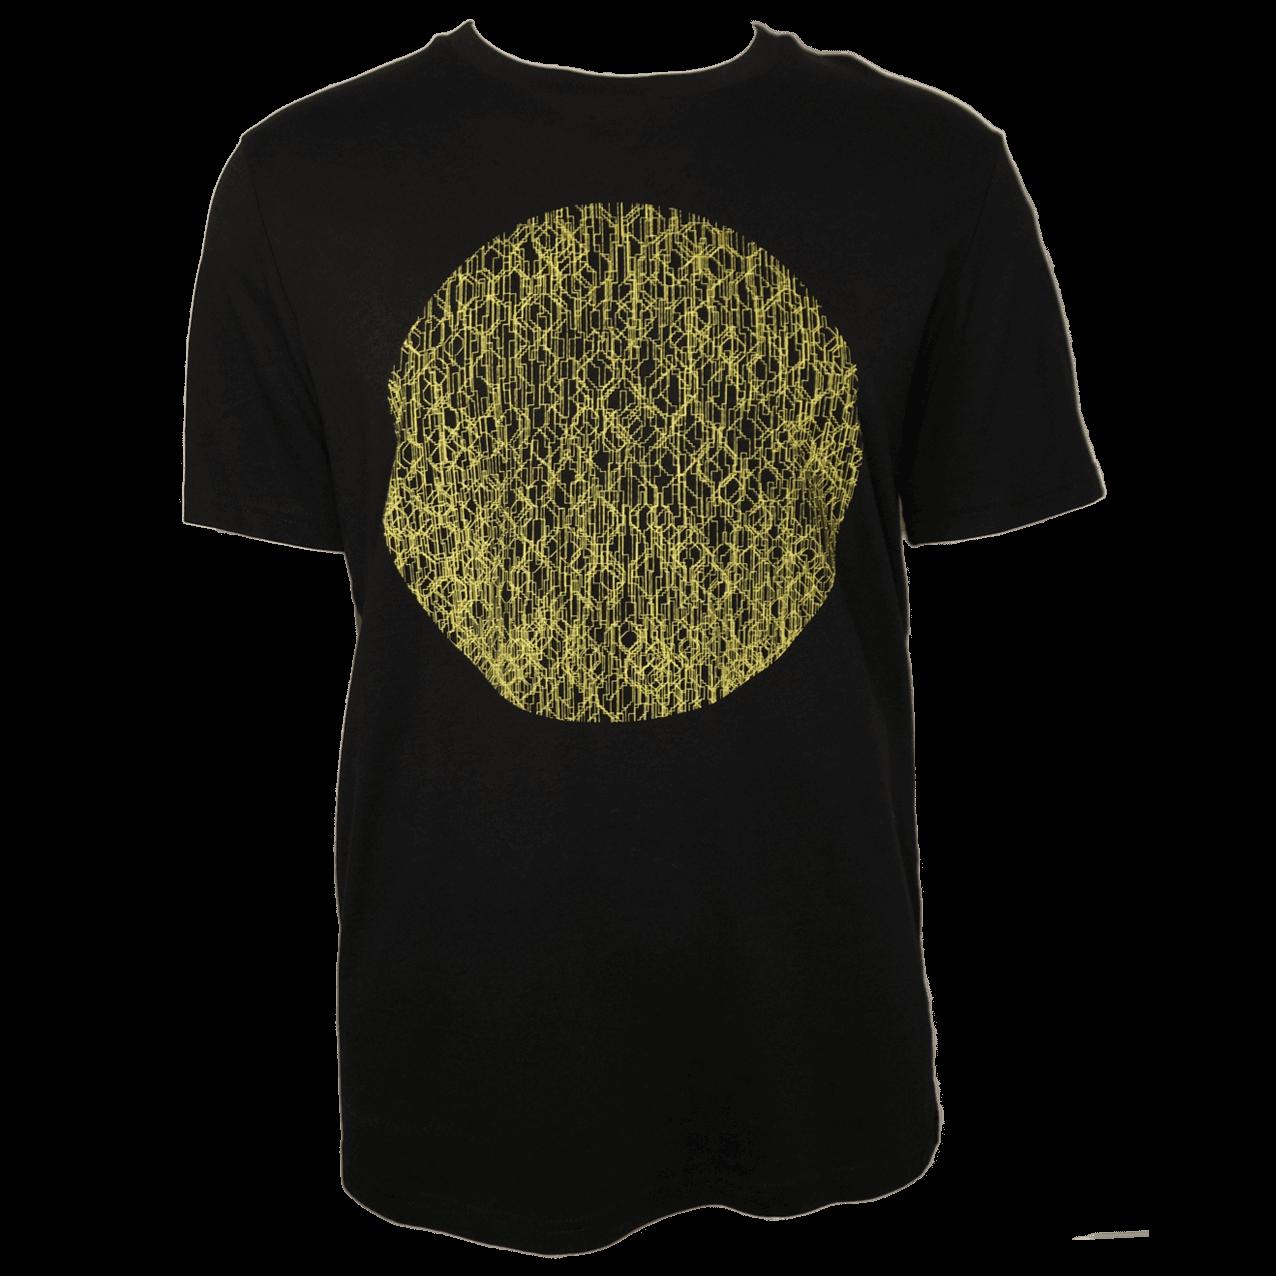 Berlin T-Shirt Fernsehturm Kreis Schwarz/gelb